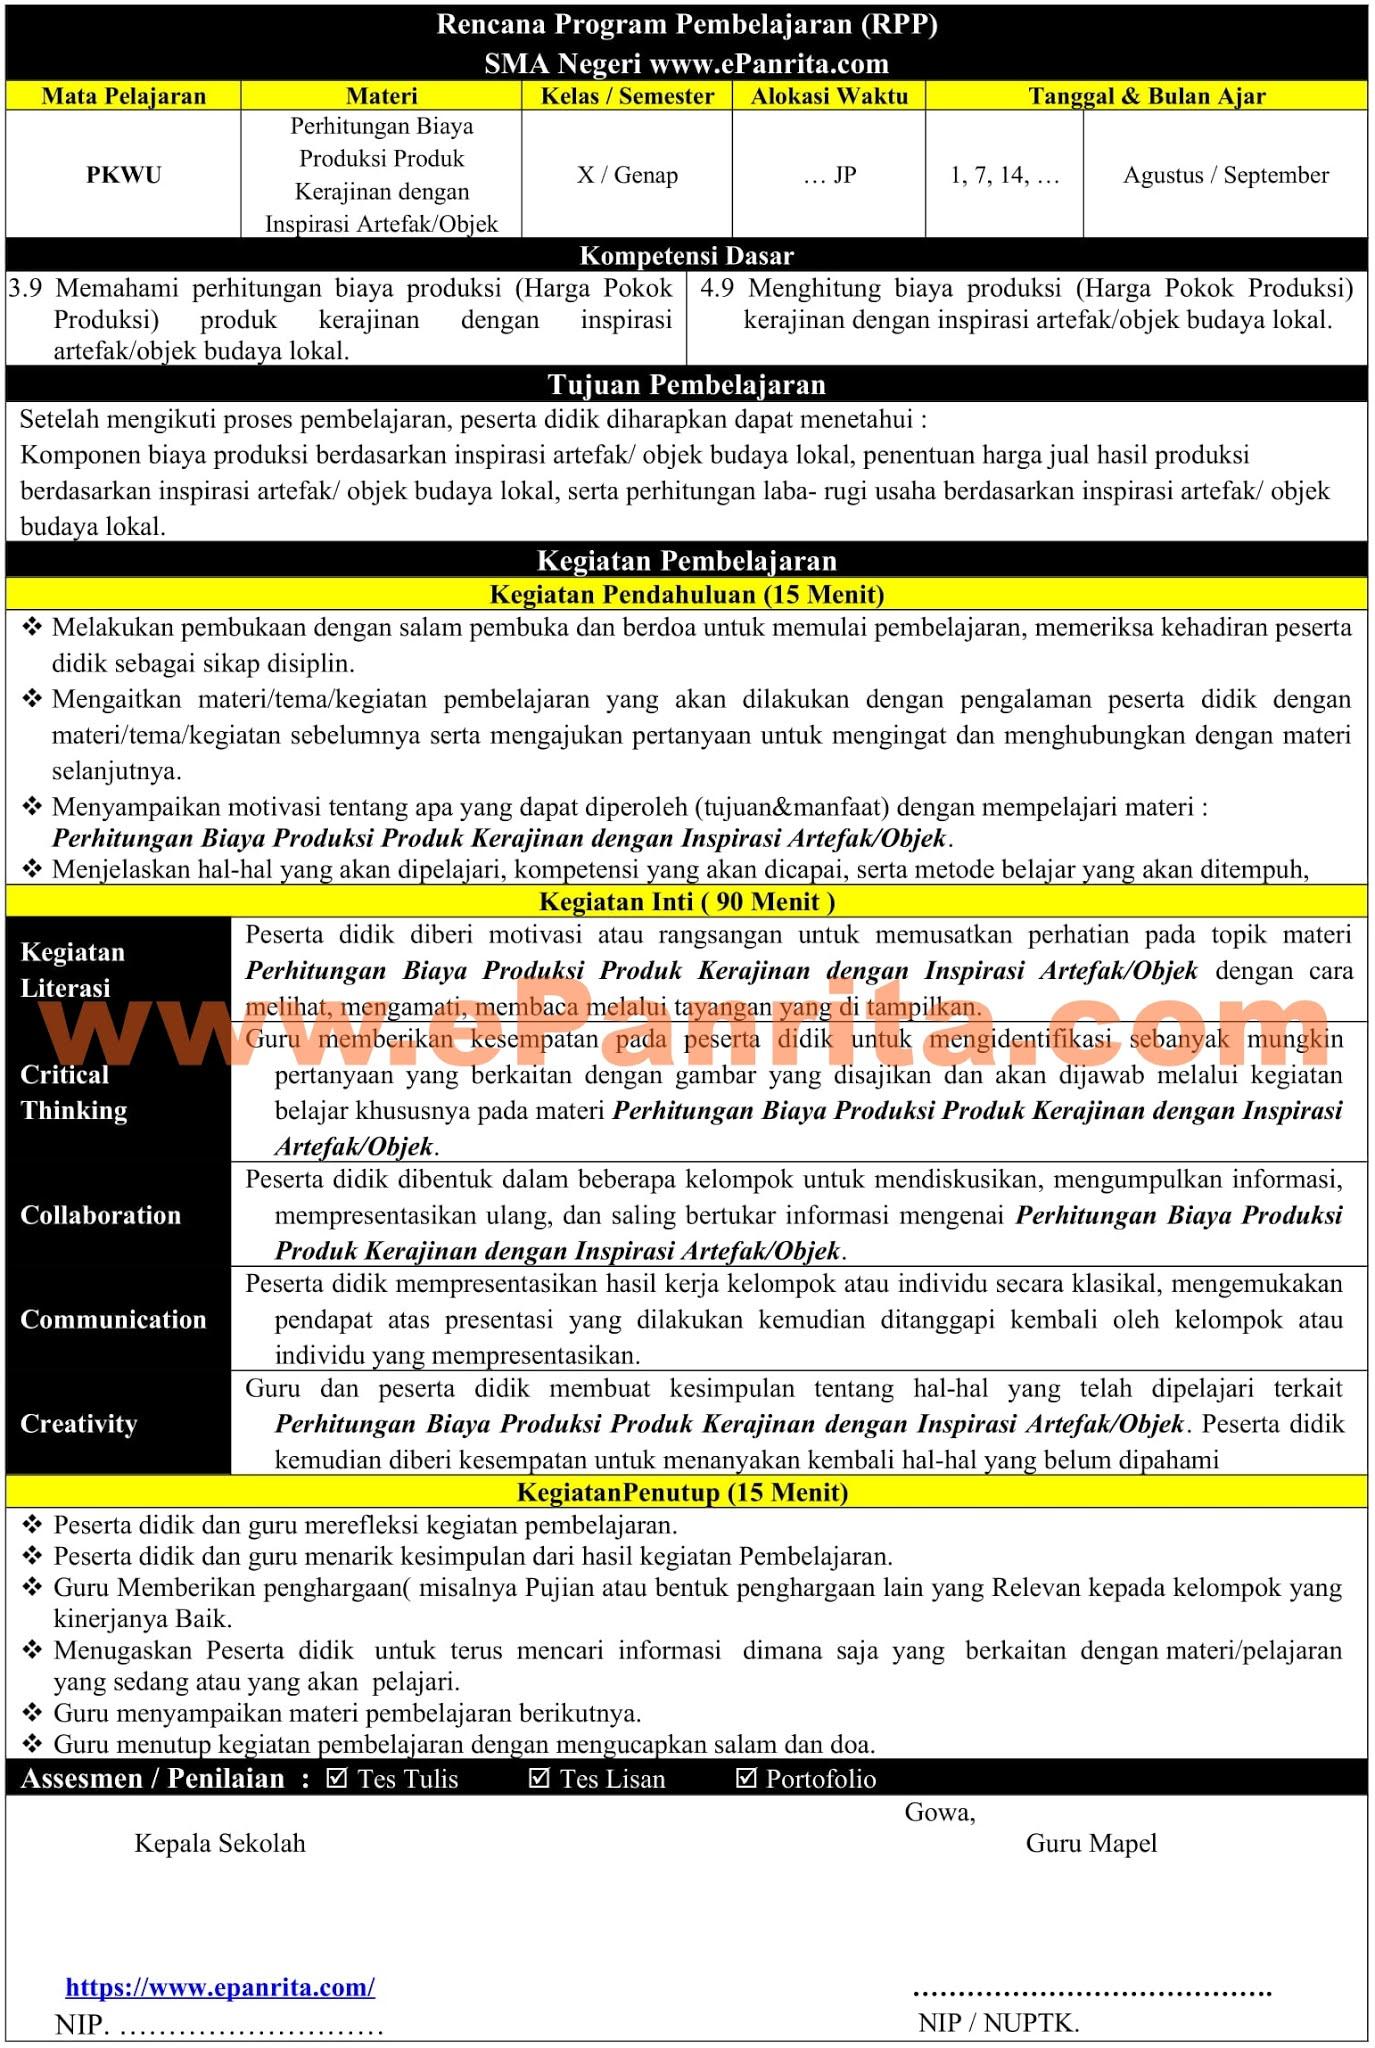 RPP 1 Halaman Prakarya Aspek Kerajinan (Perhitungan Biaya Produksi Produk Kerajinan dengan Inspirasi Artefak/Objek)